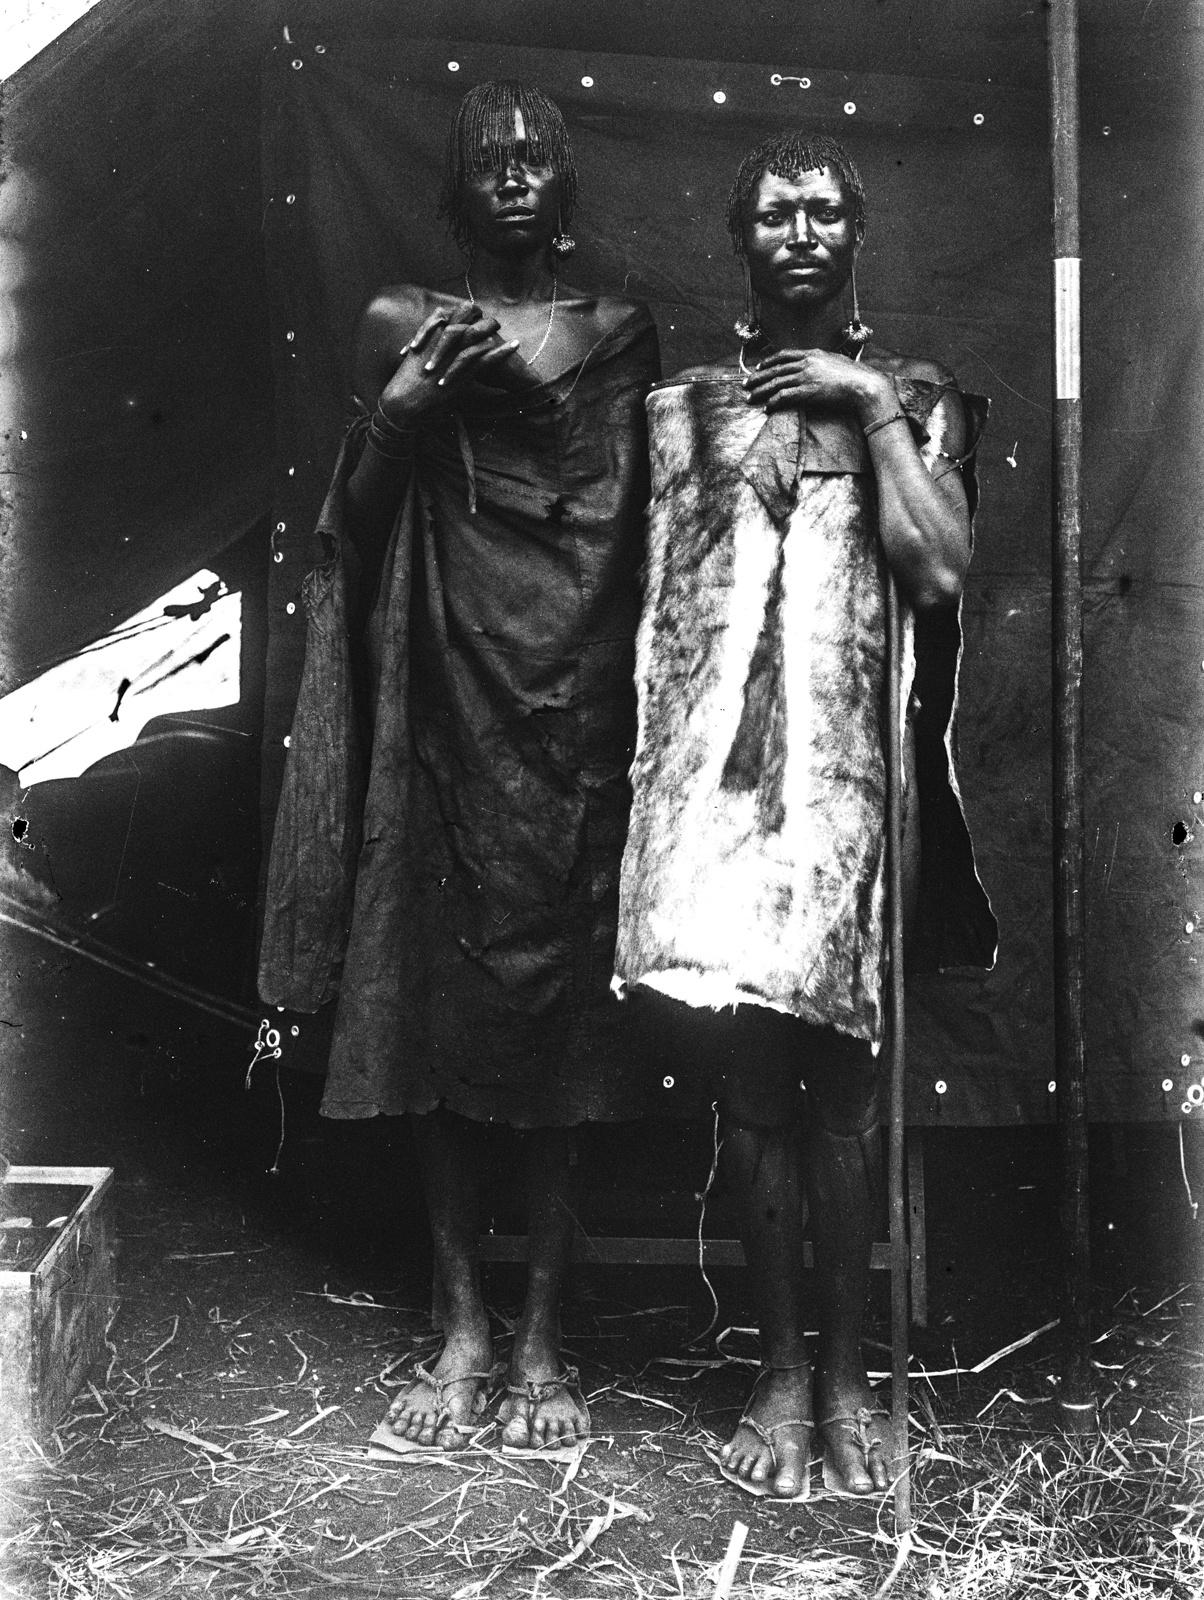 205. Портрет двух мужчин босонжо